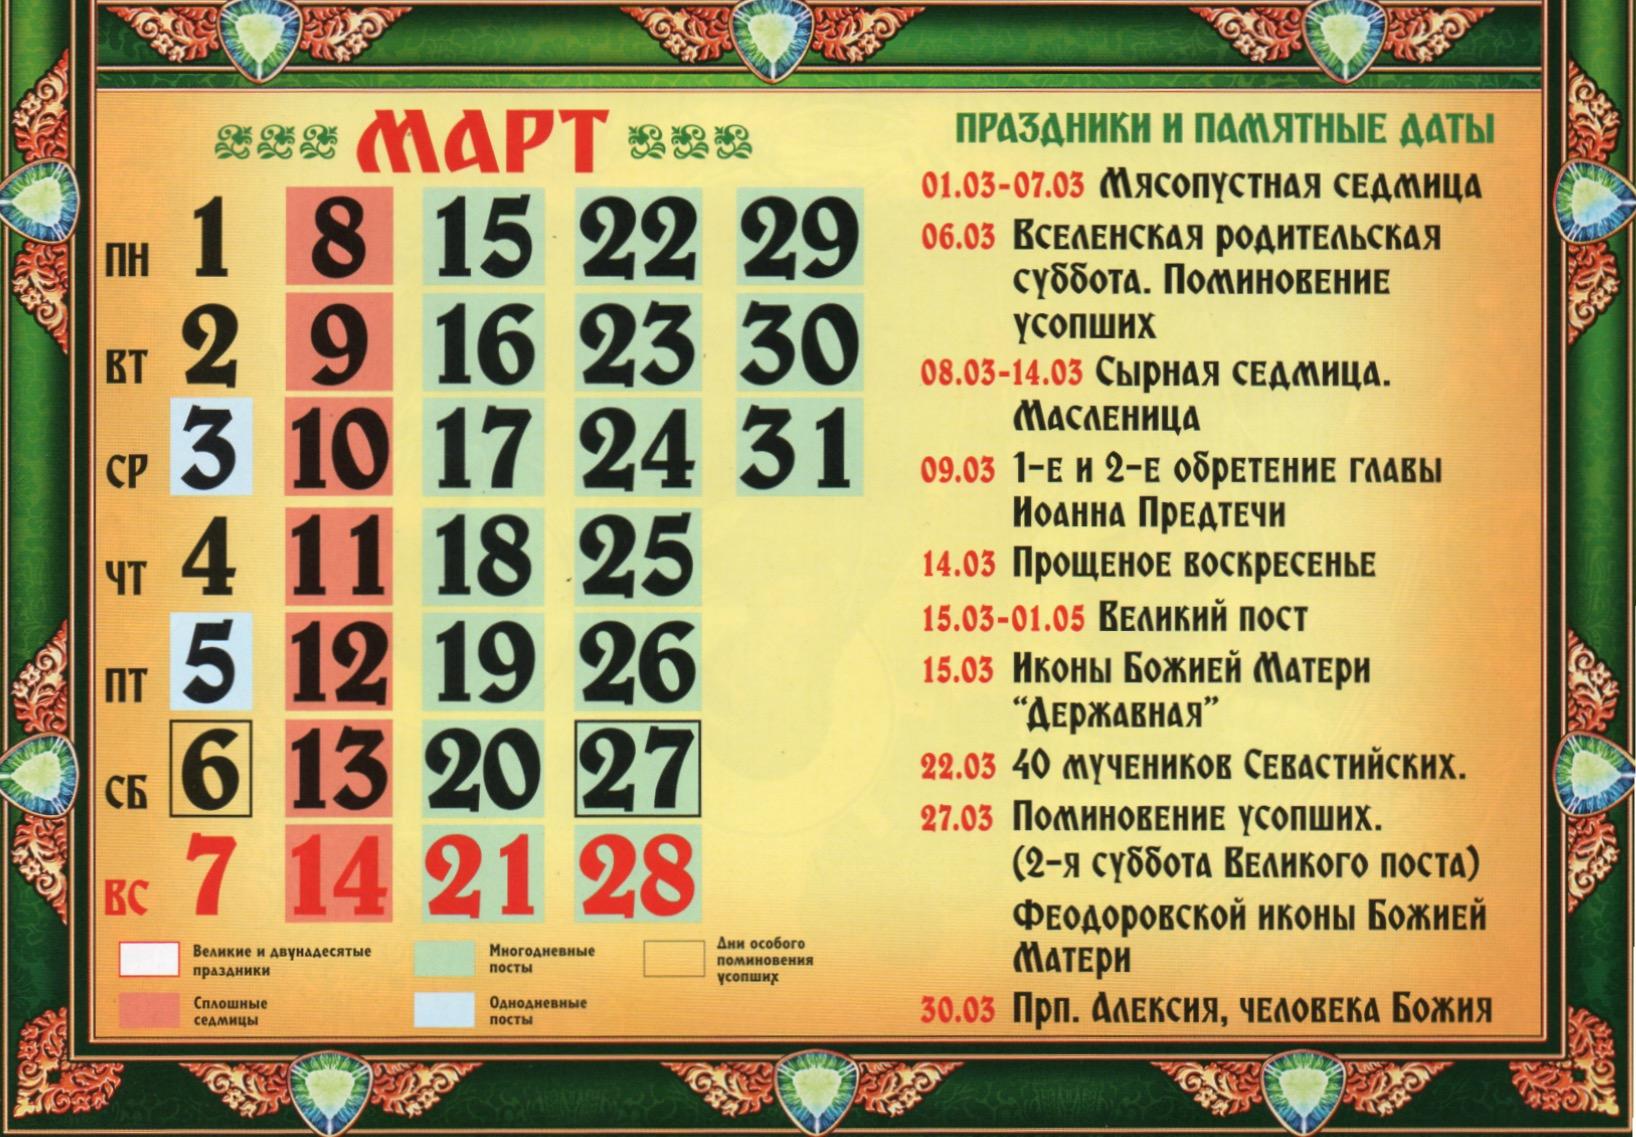 41808 Гороскоп на неделю с 8 по 14 марта 2021 года